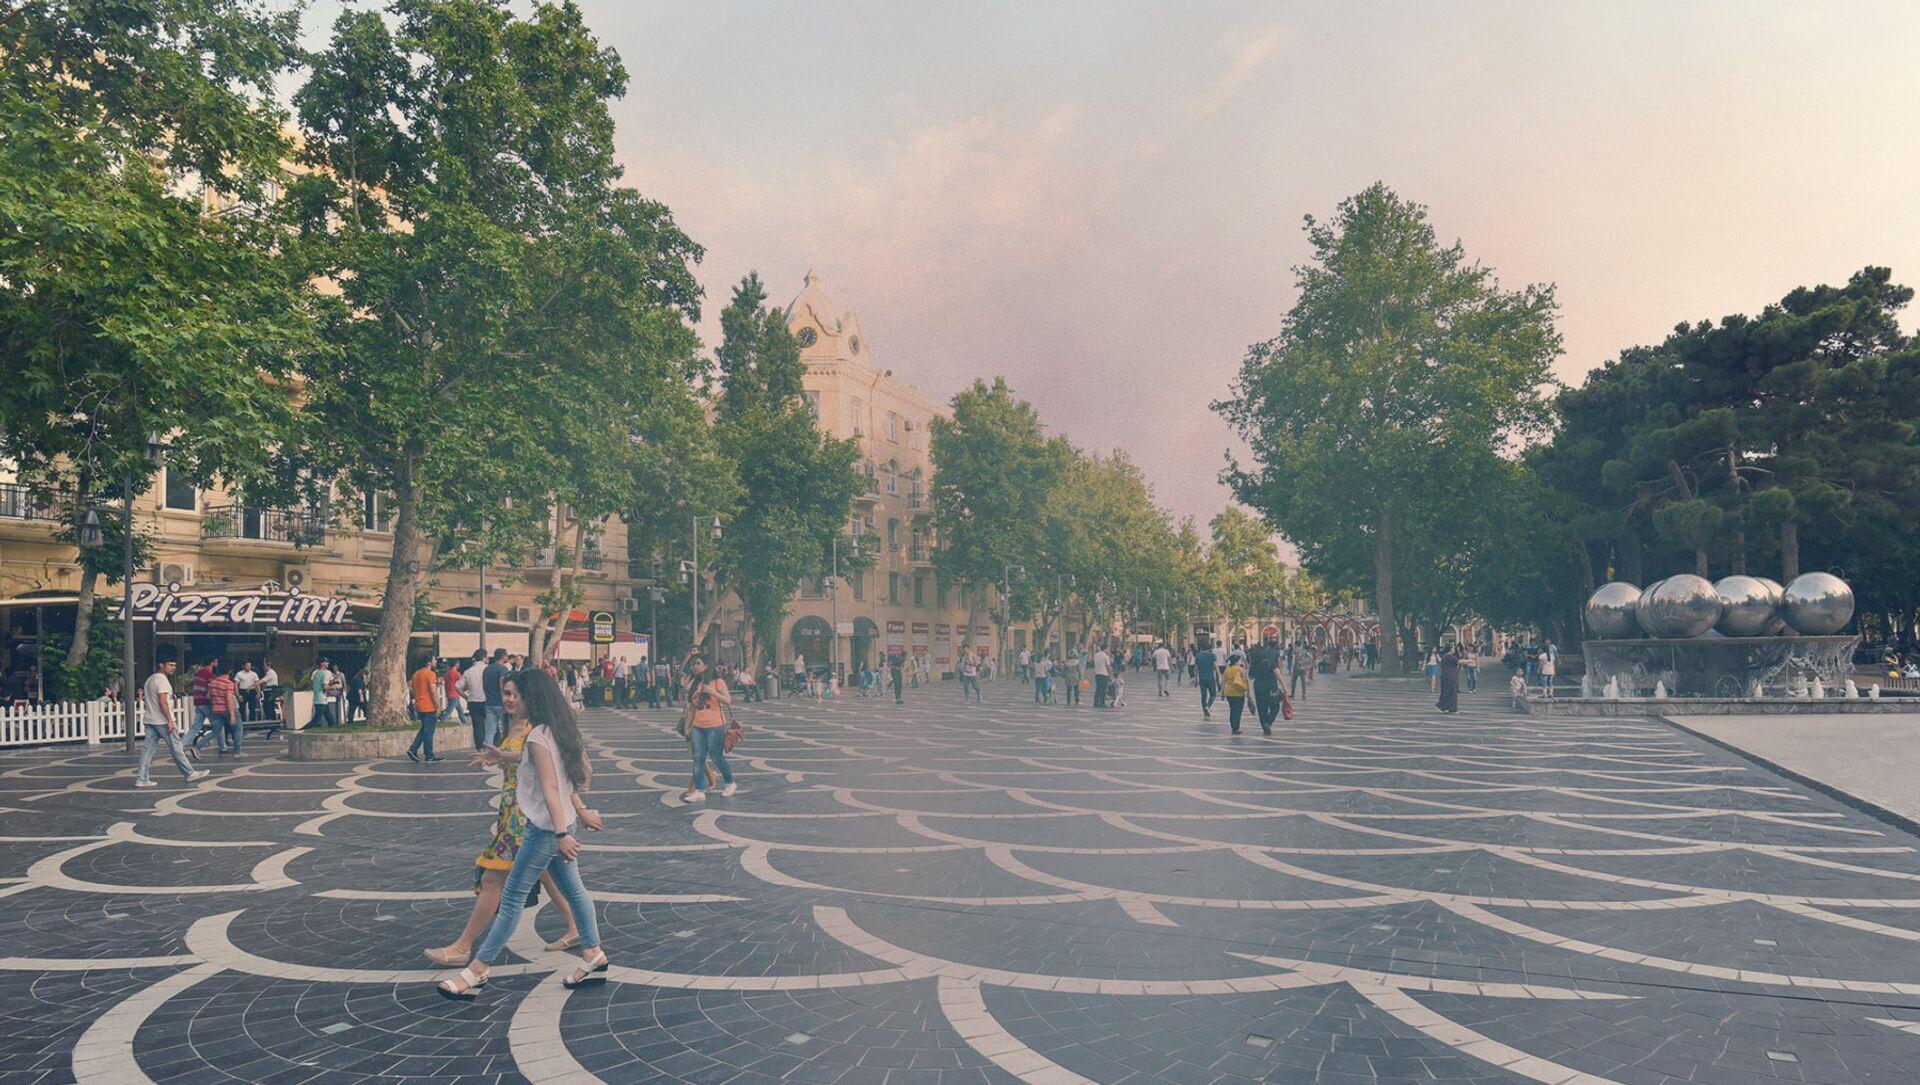 Загрязненный пылью воздух в Баку, фото из архива  - Sputnik Азербайджан, 1920, 23.07.2021